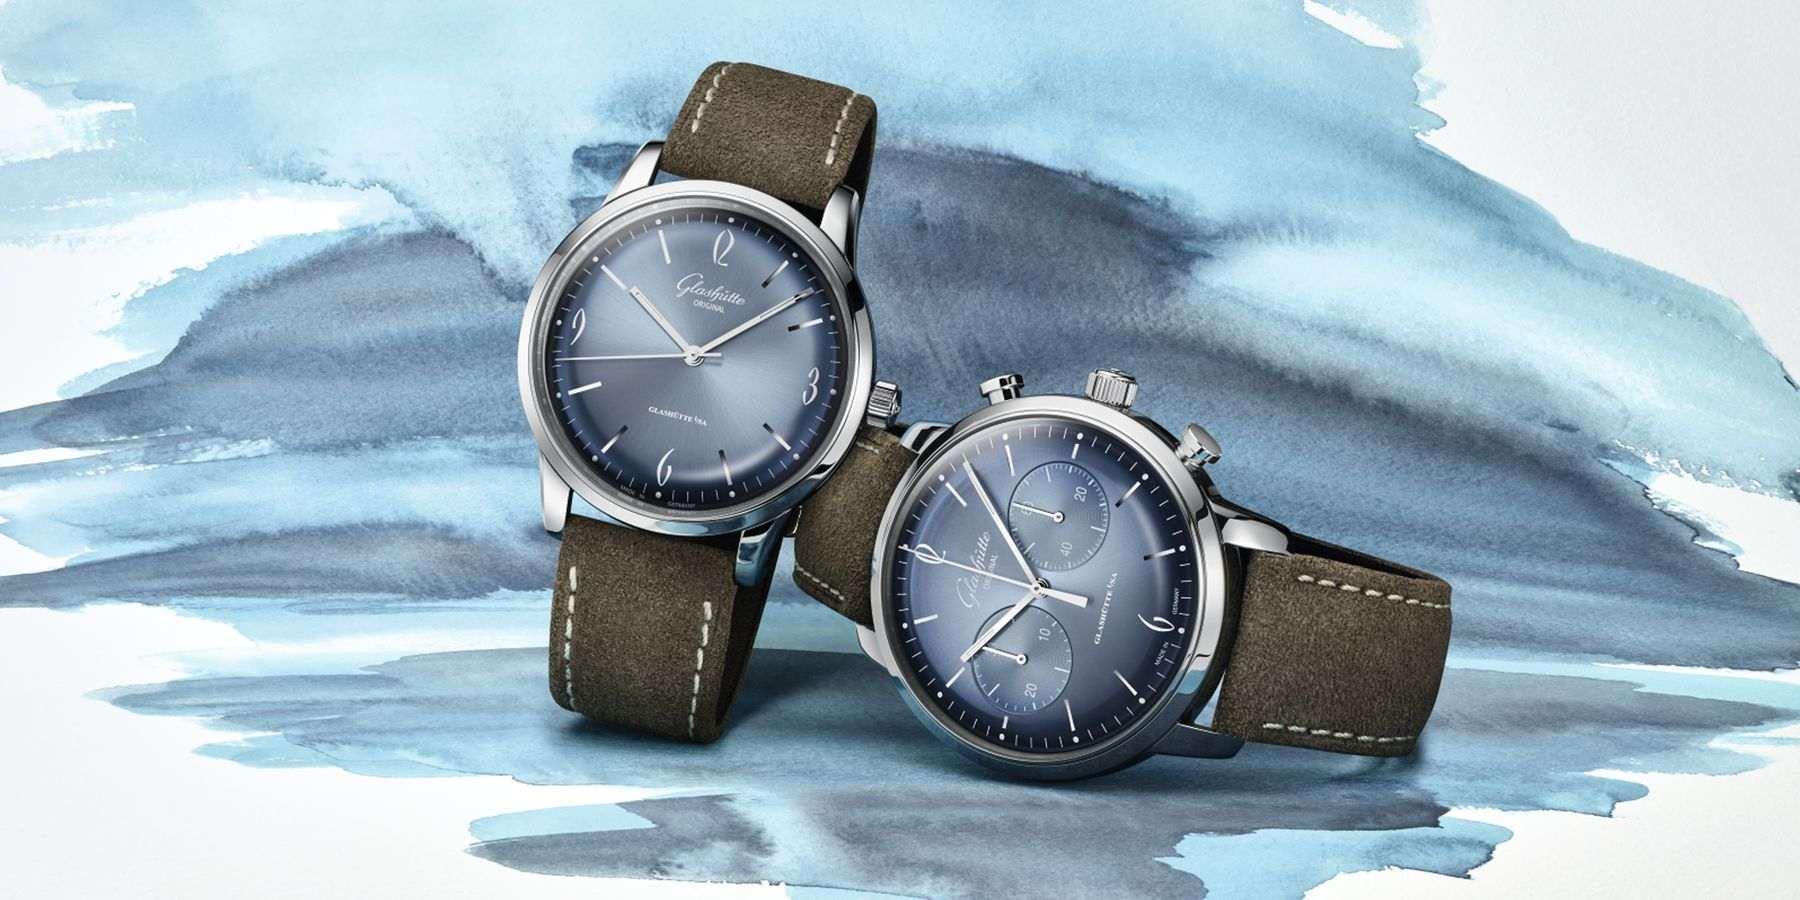 冰川上手!Glashütte Original全新Sixties腕錶